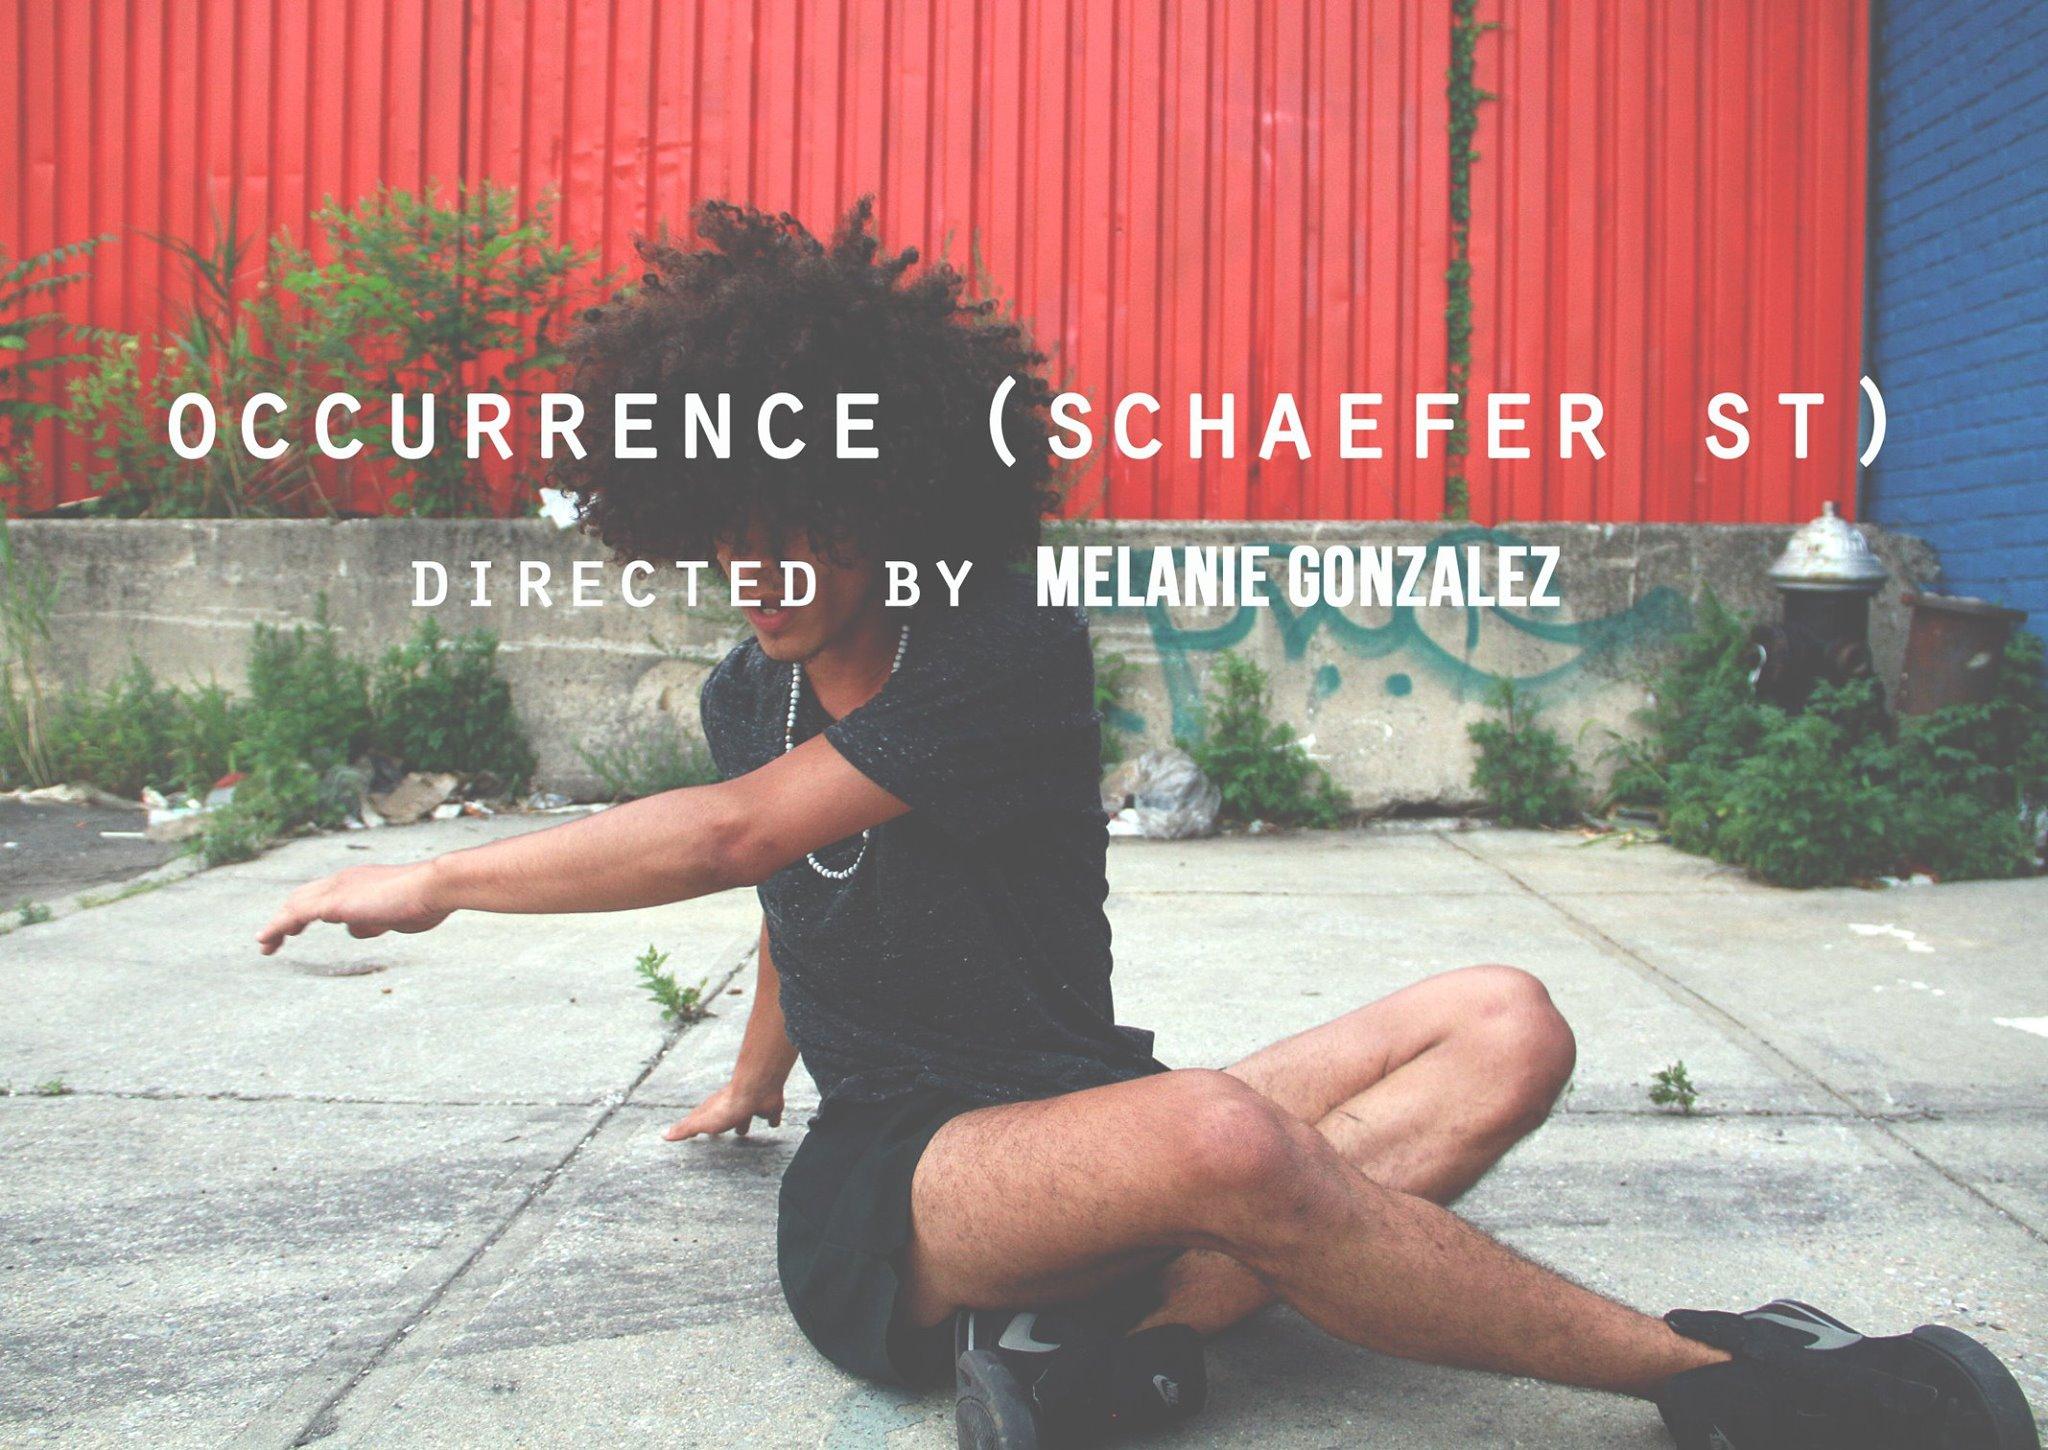 occurence schaefer st.jpg